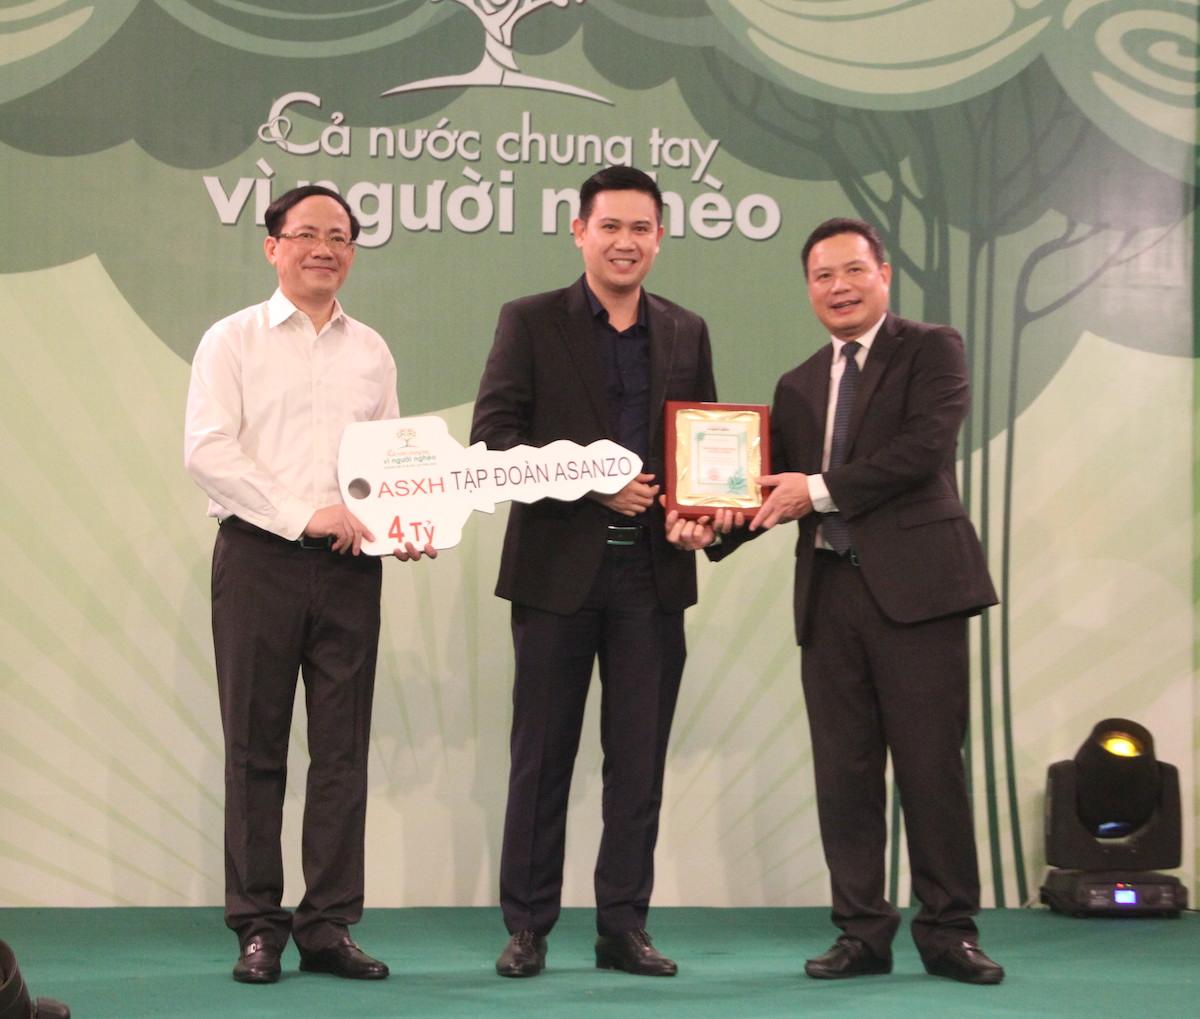 Ông Phạm Văn Tham (giữa) trao số tiền 4 tỷ đồng cho chương trình An sinh xã hội.